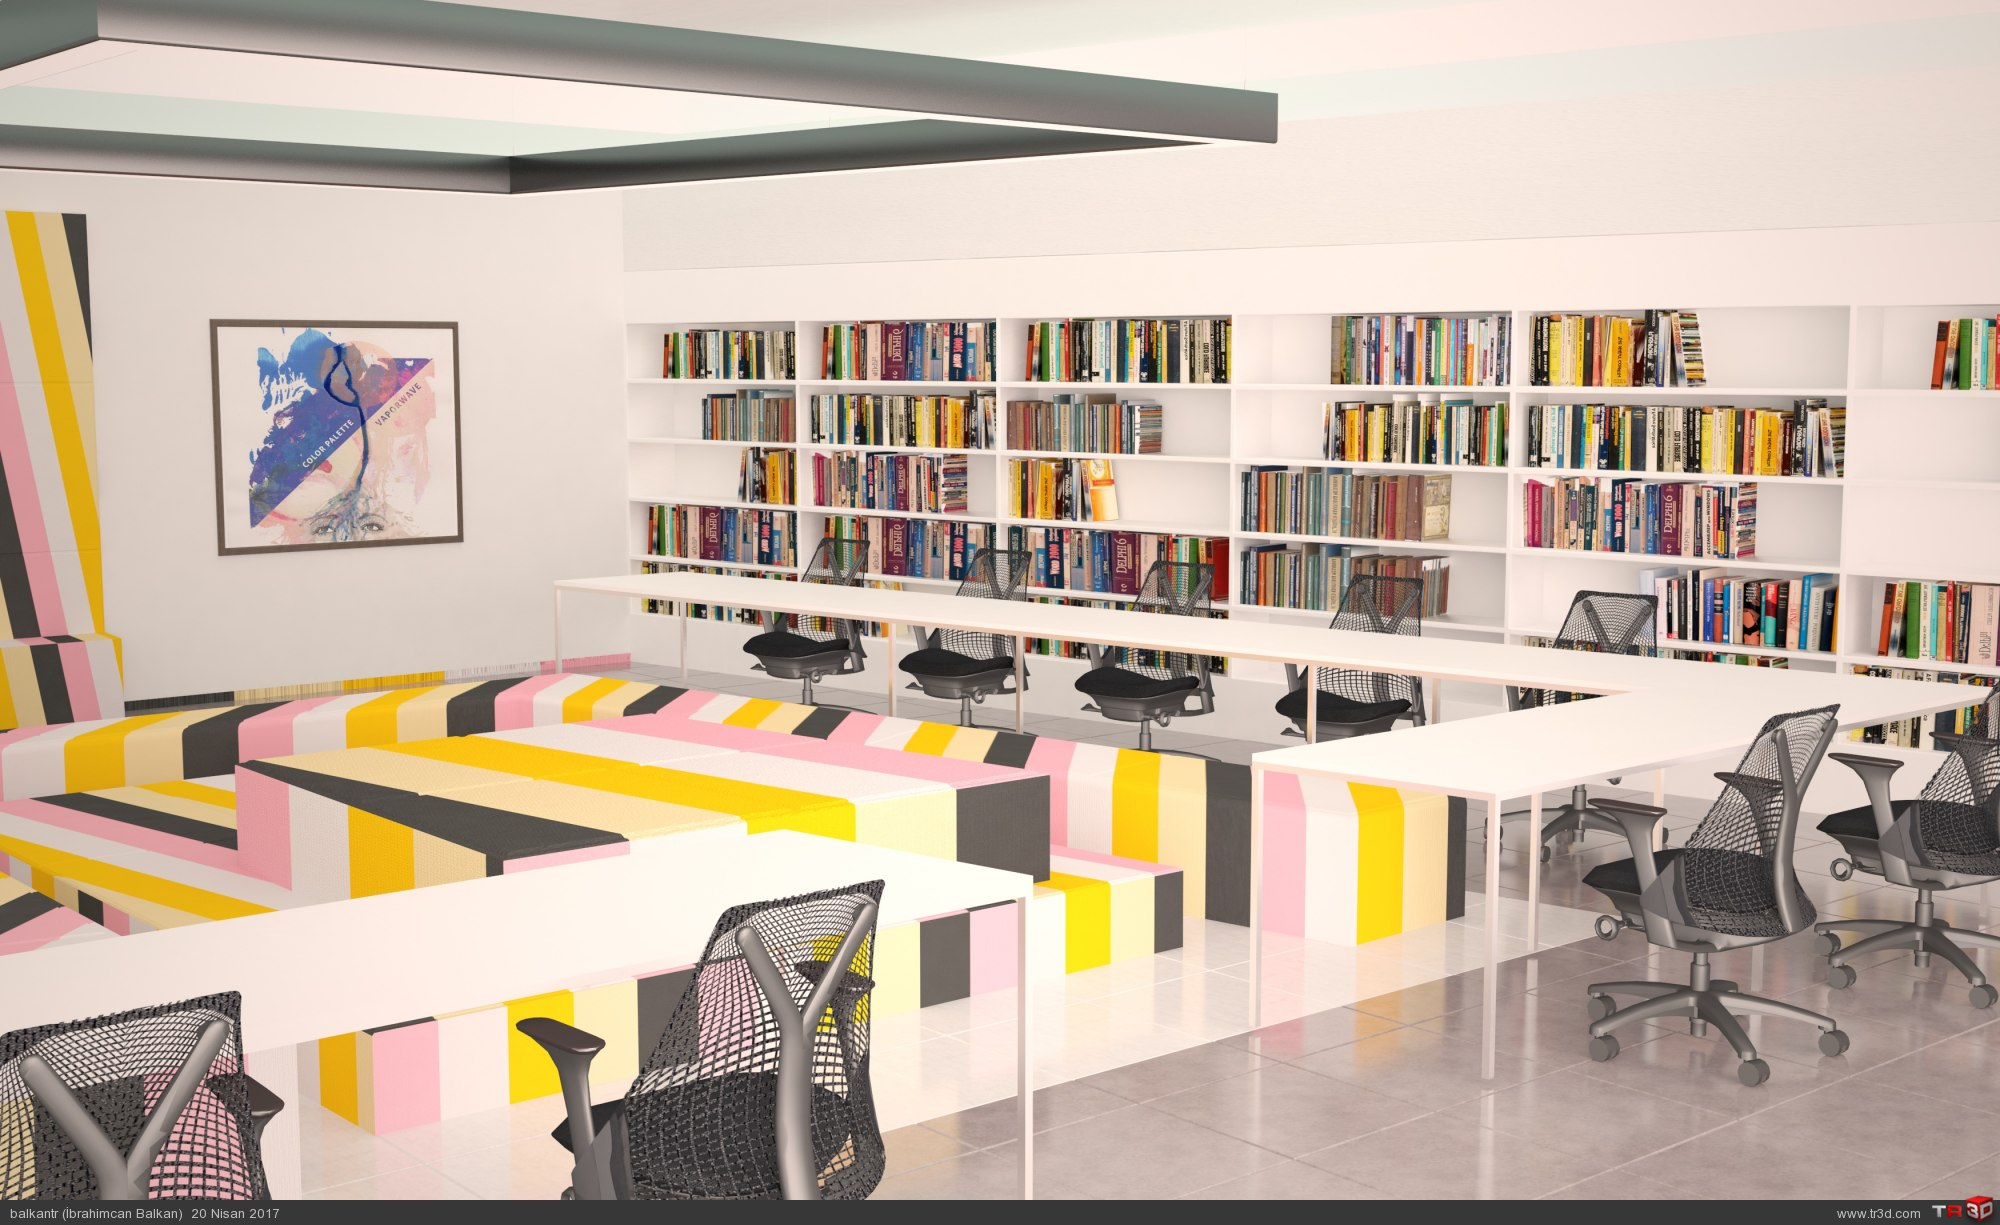 Üni Kütüphane 3